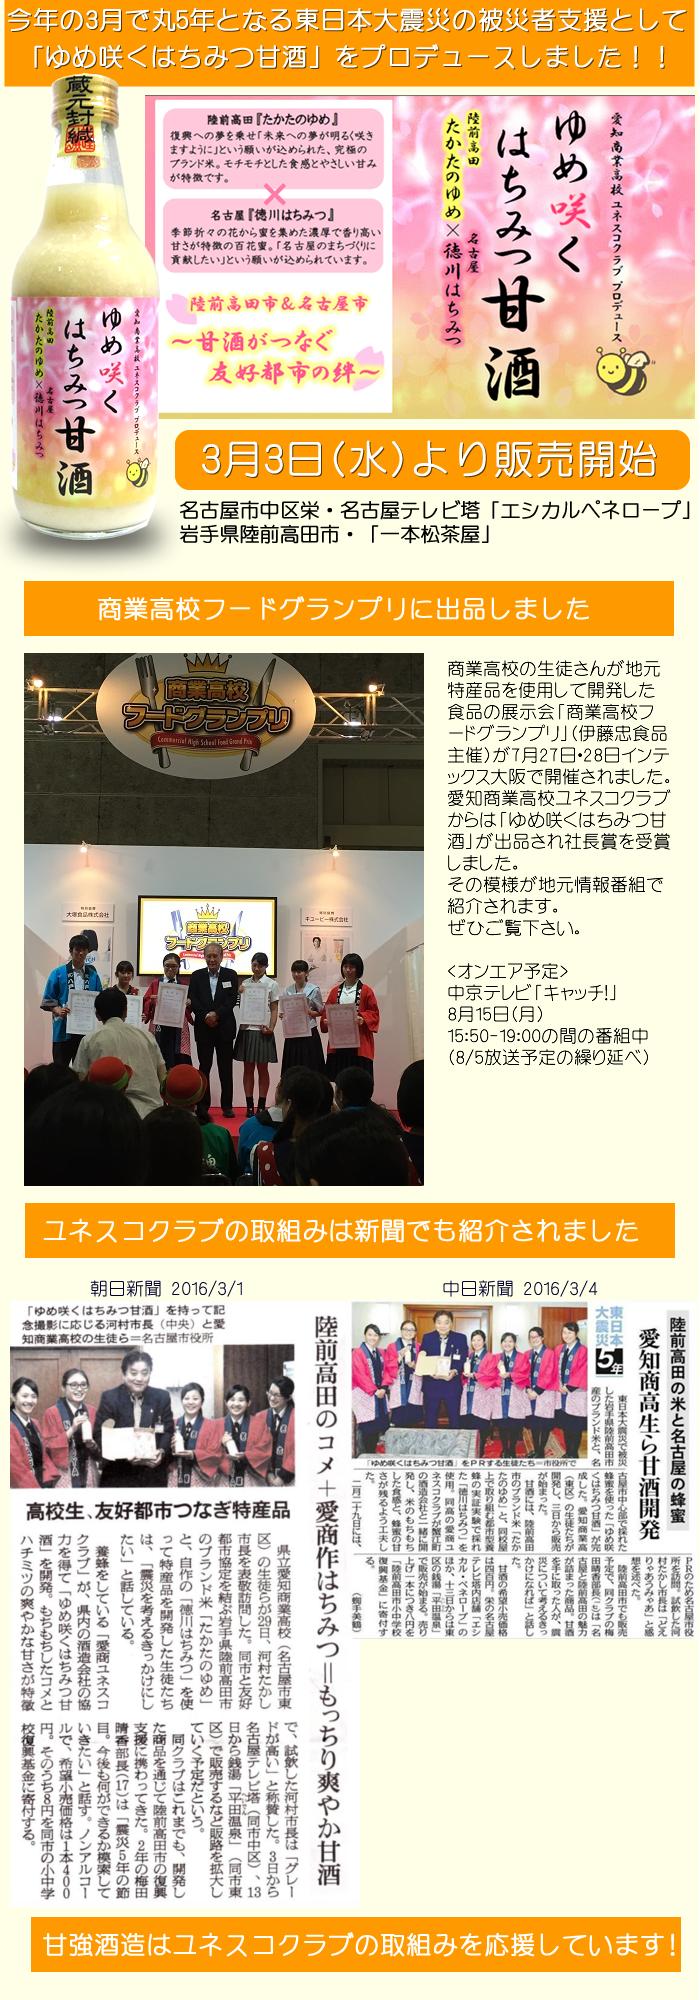 東日本大震災被災者支援「ゆめ咲くはちみつ甘酒」プロデュース